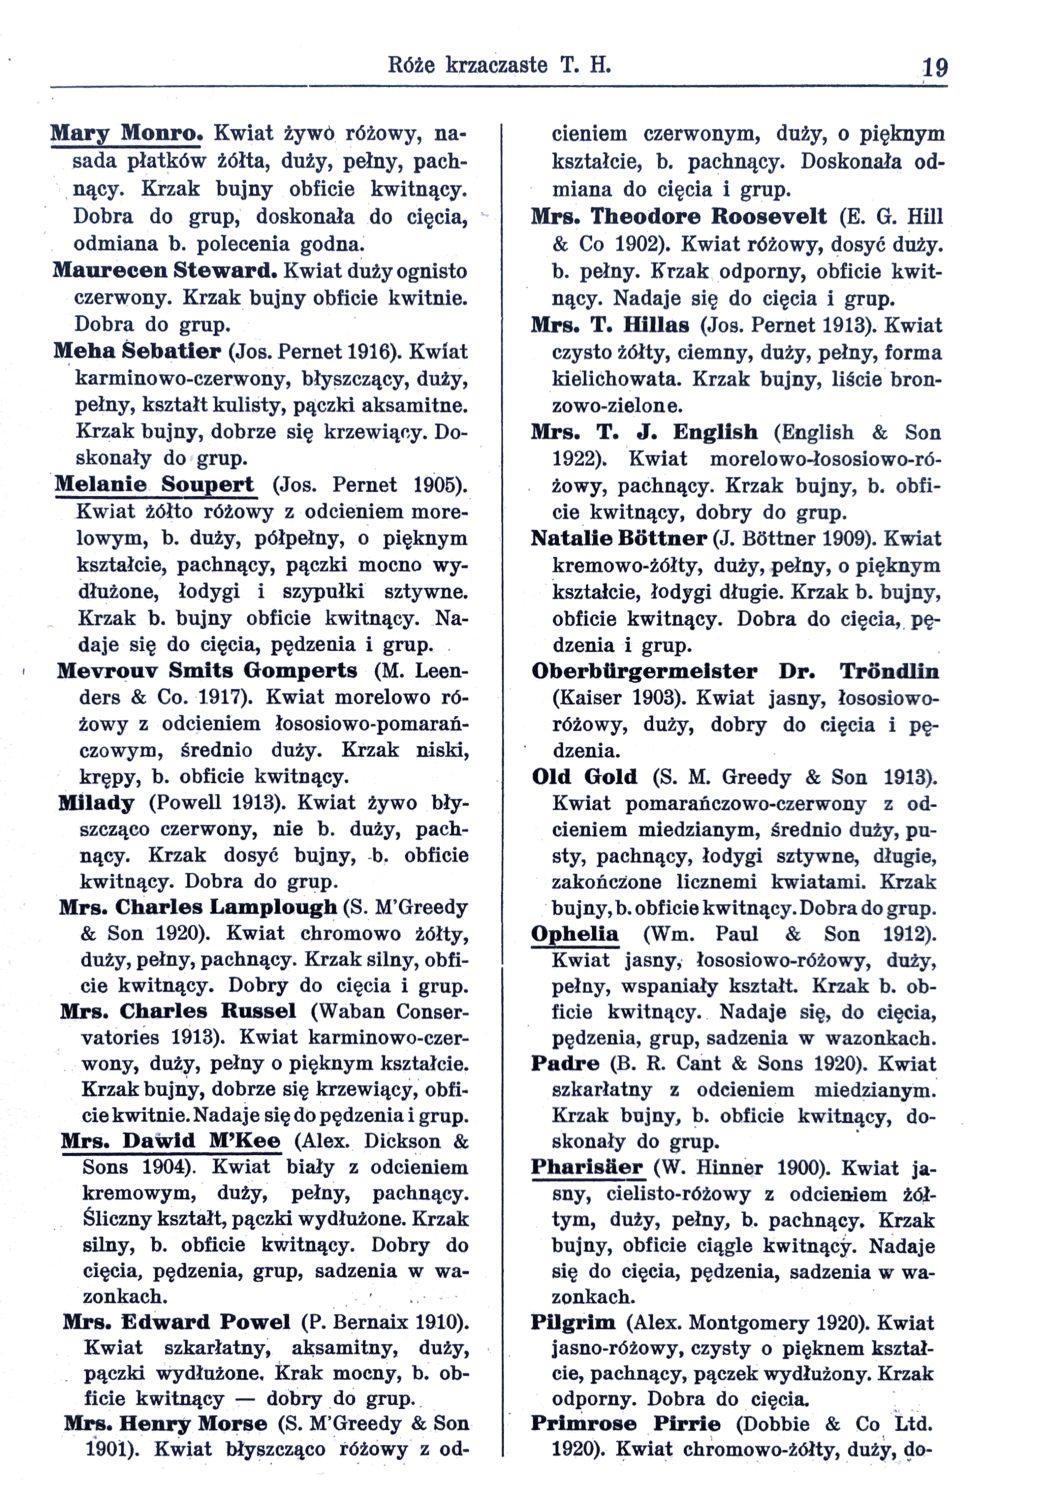 Cennik szkółek ogrodniczych Stanisława Dzieduszyckiego 19